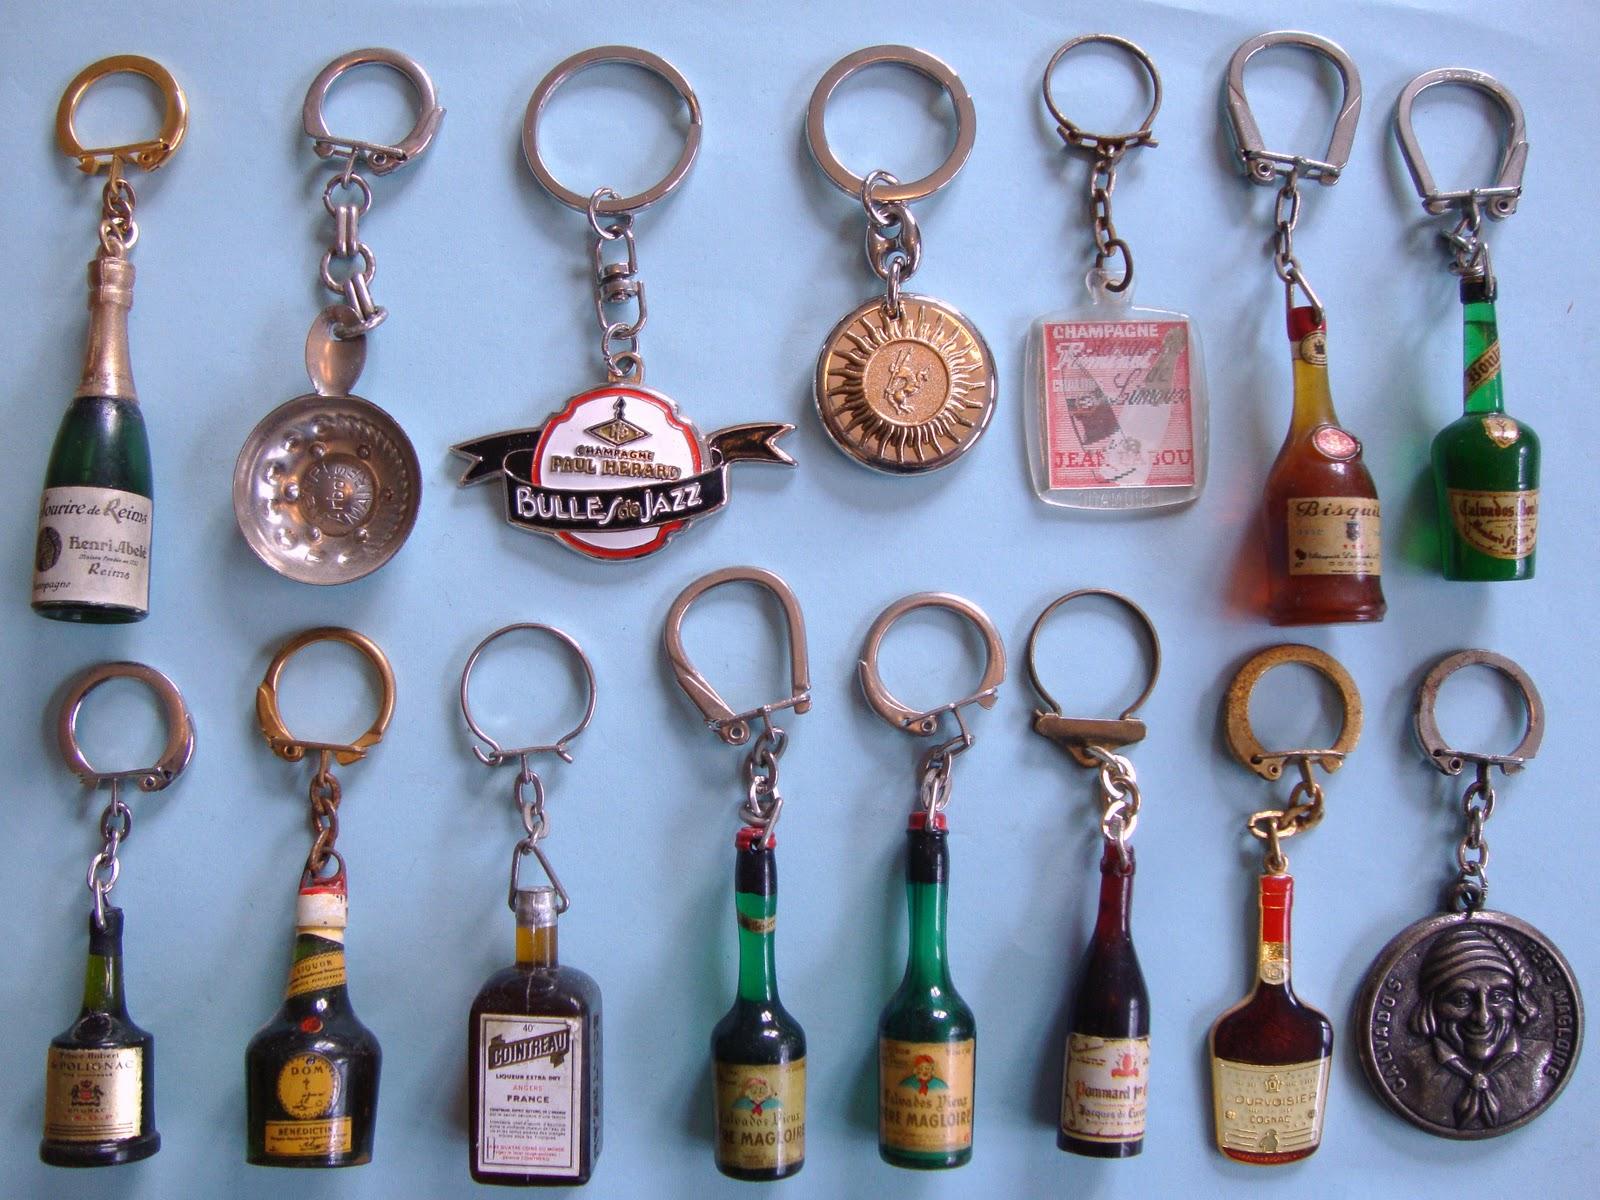 Porte cl s ann es 60 aujourd 39 hui porte cl s boisson for Porte cle annee 60 70